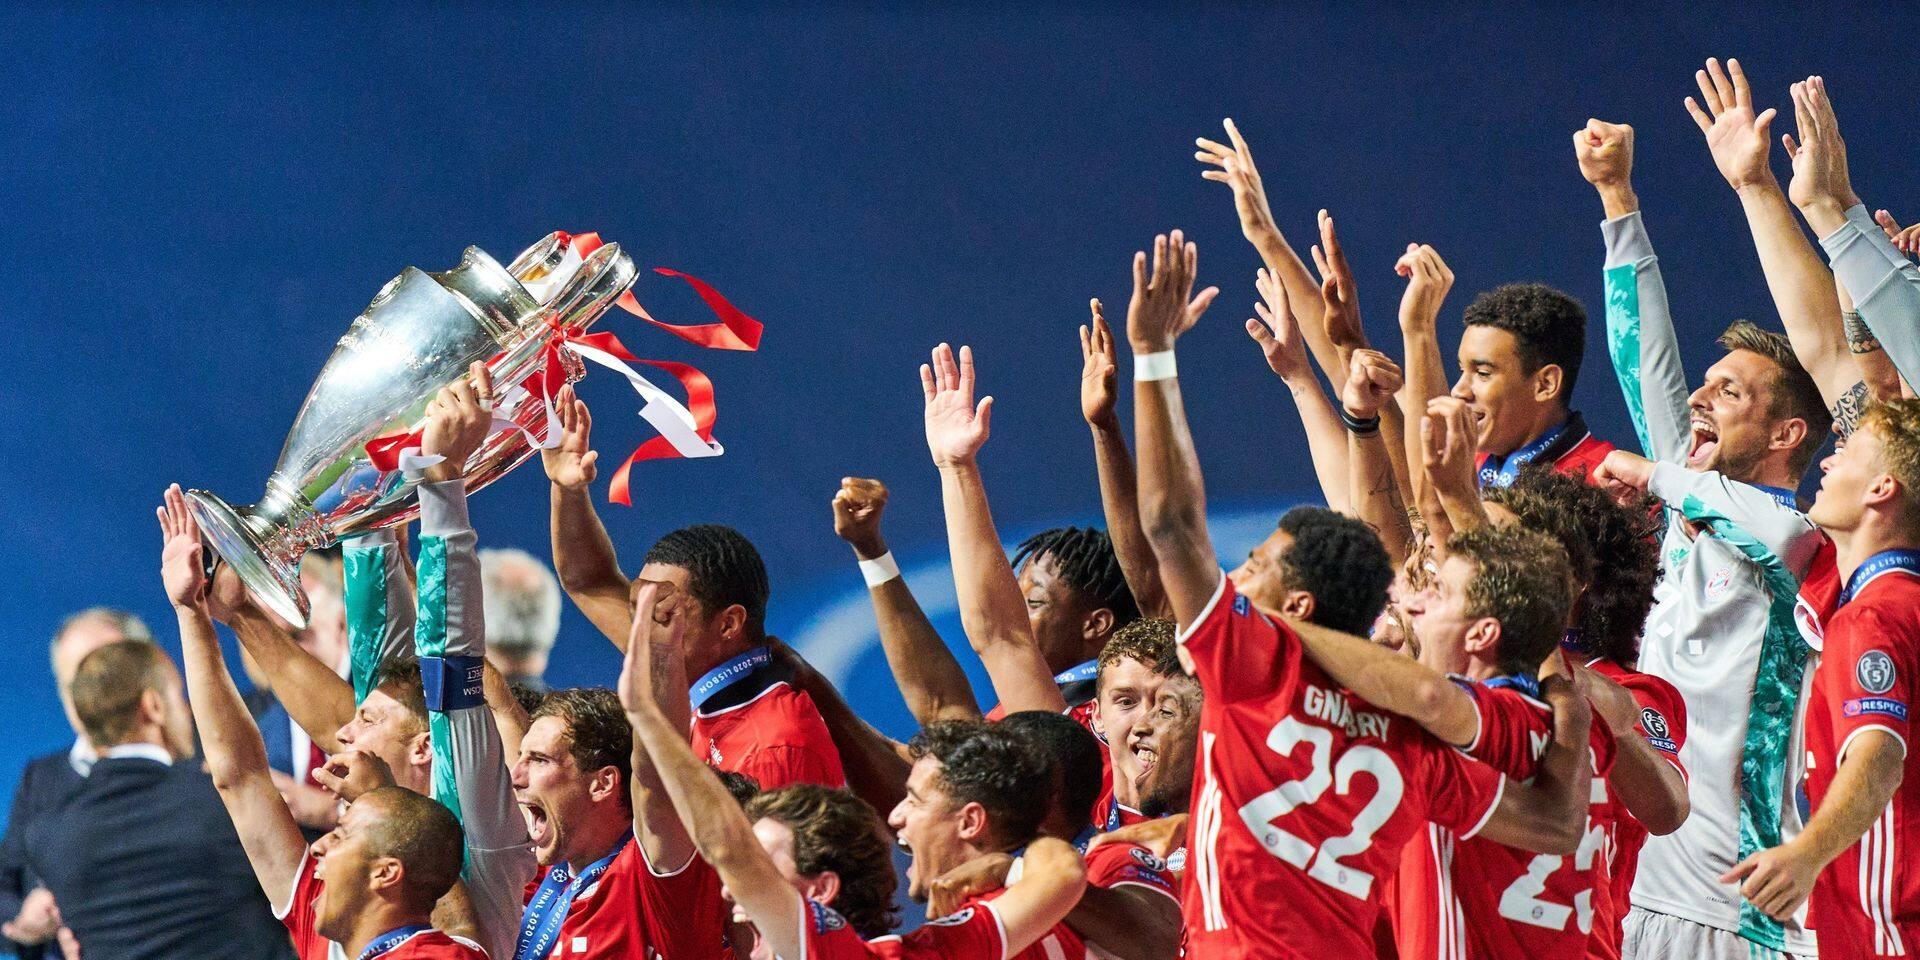 L'UEFA espère organiser la Supercoupe, malgré les restrictions de voyage en Hongrie